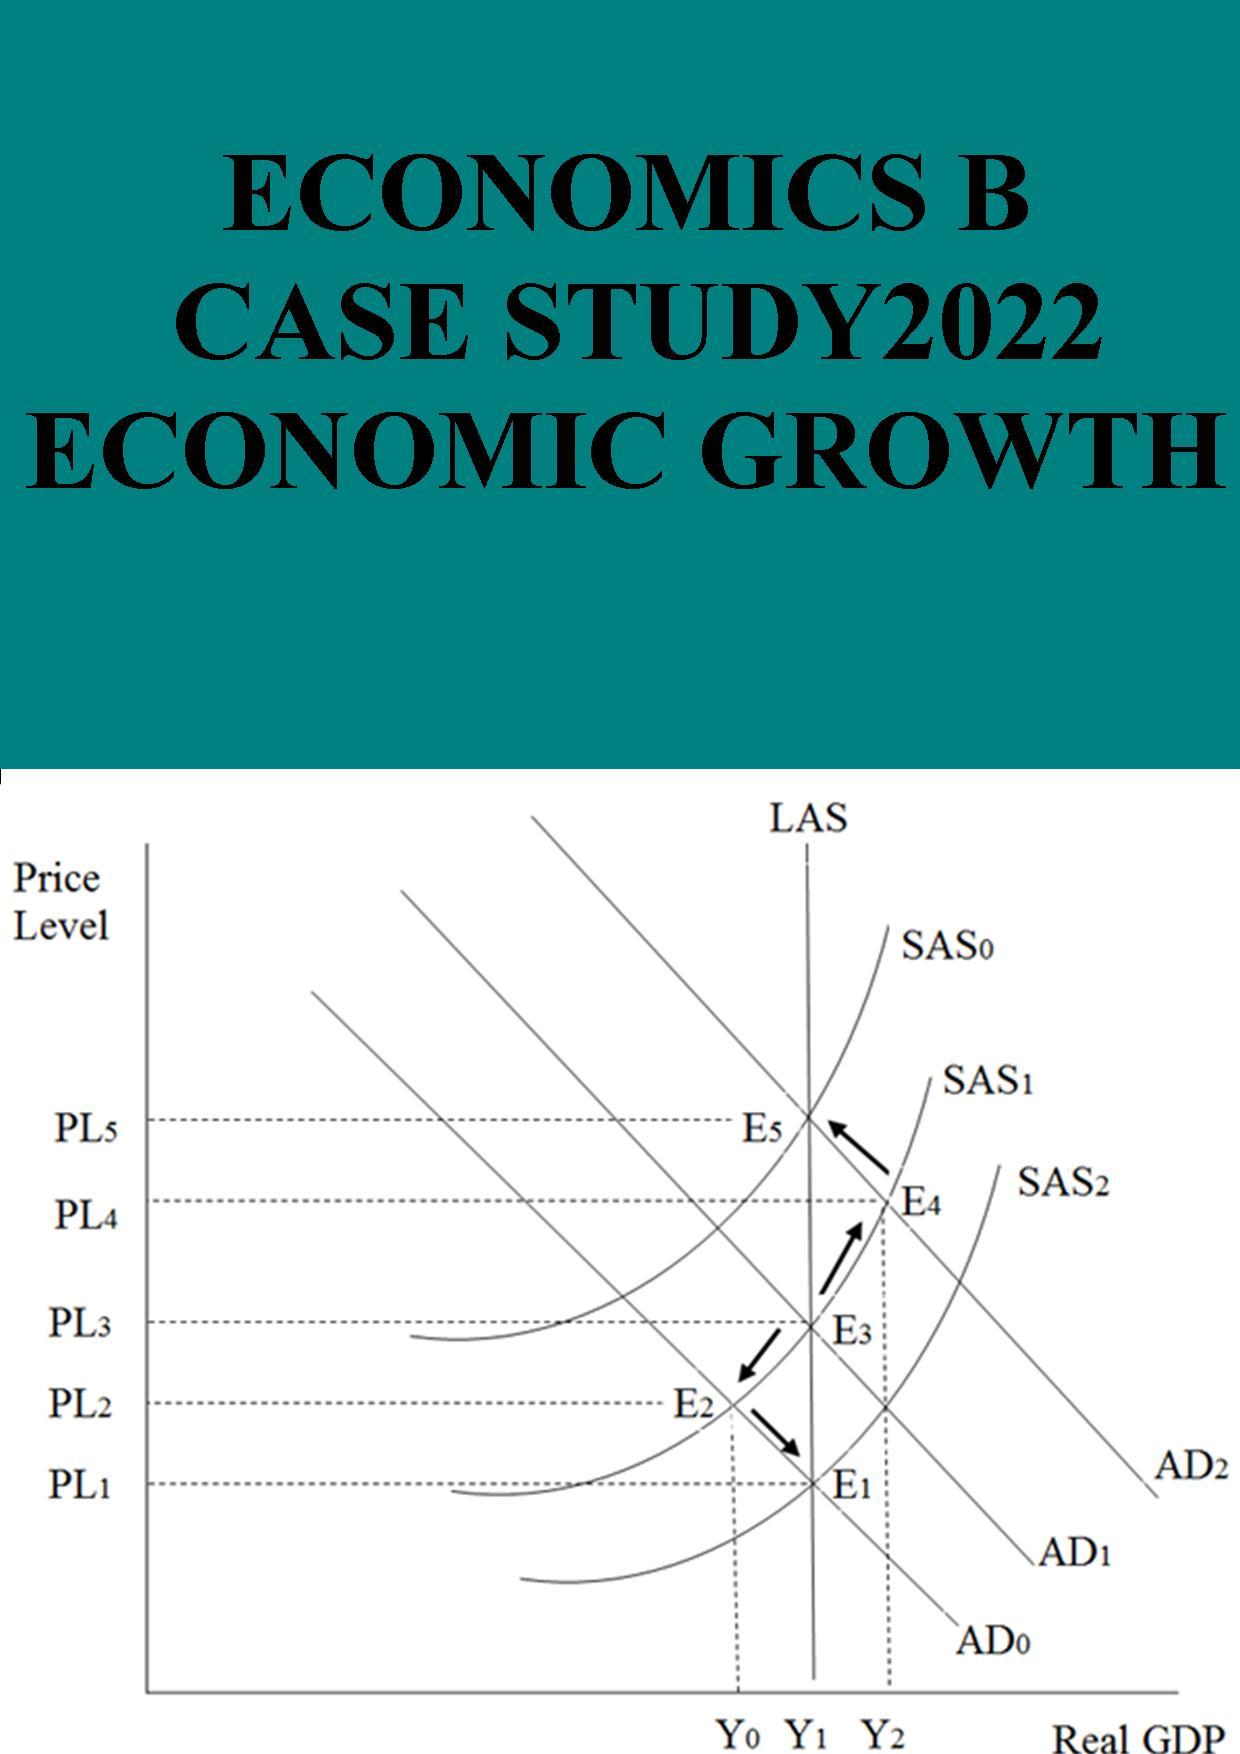 Case Study 2022